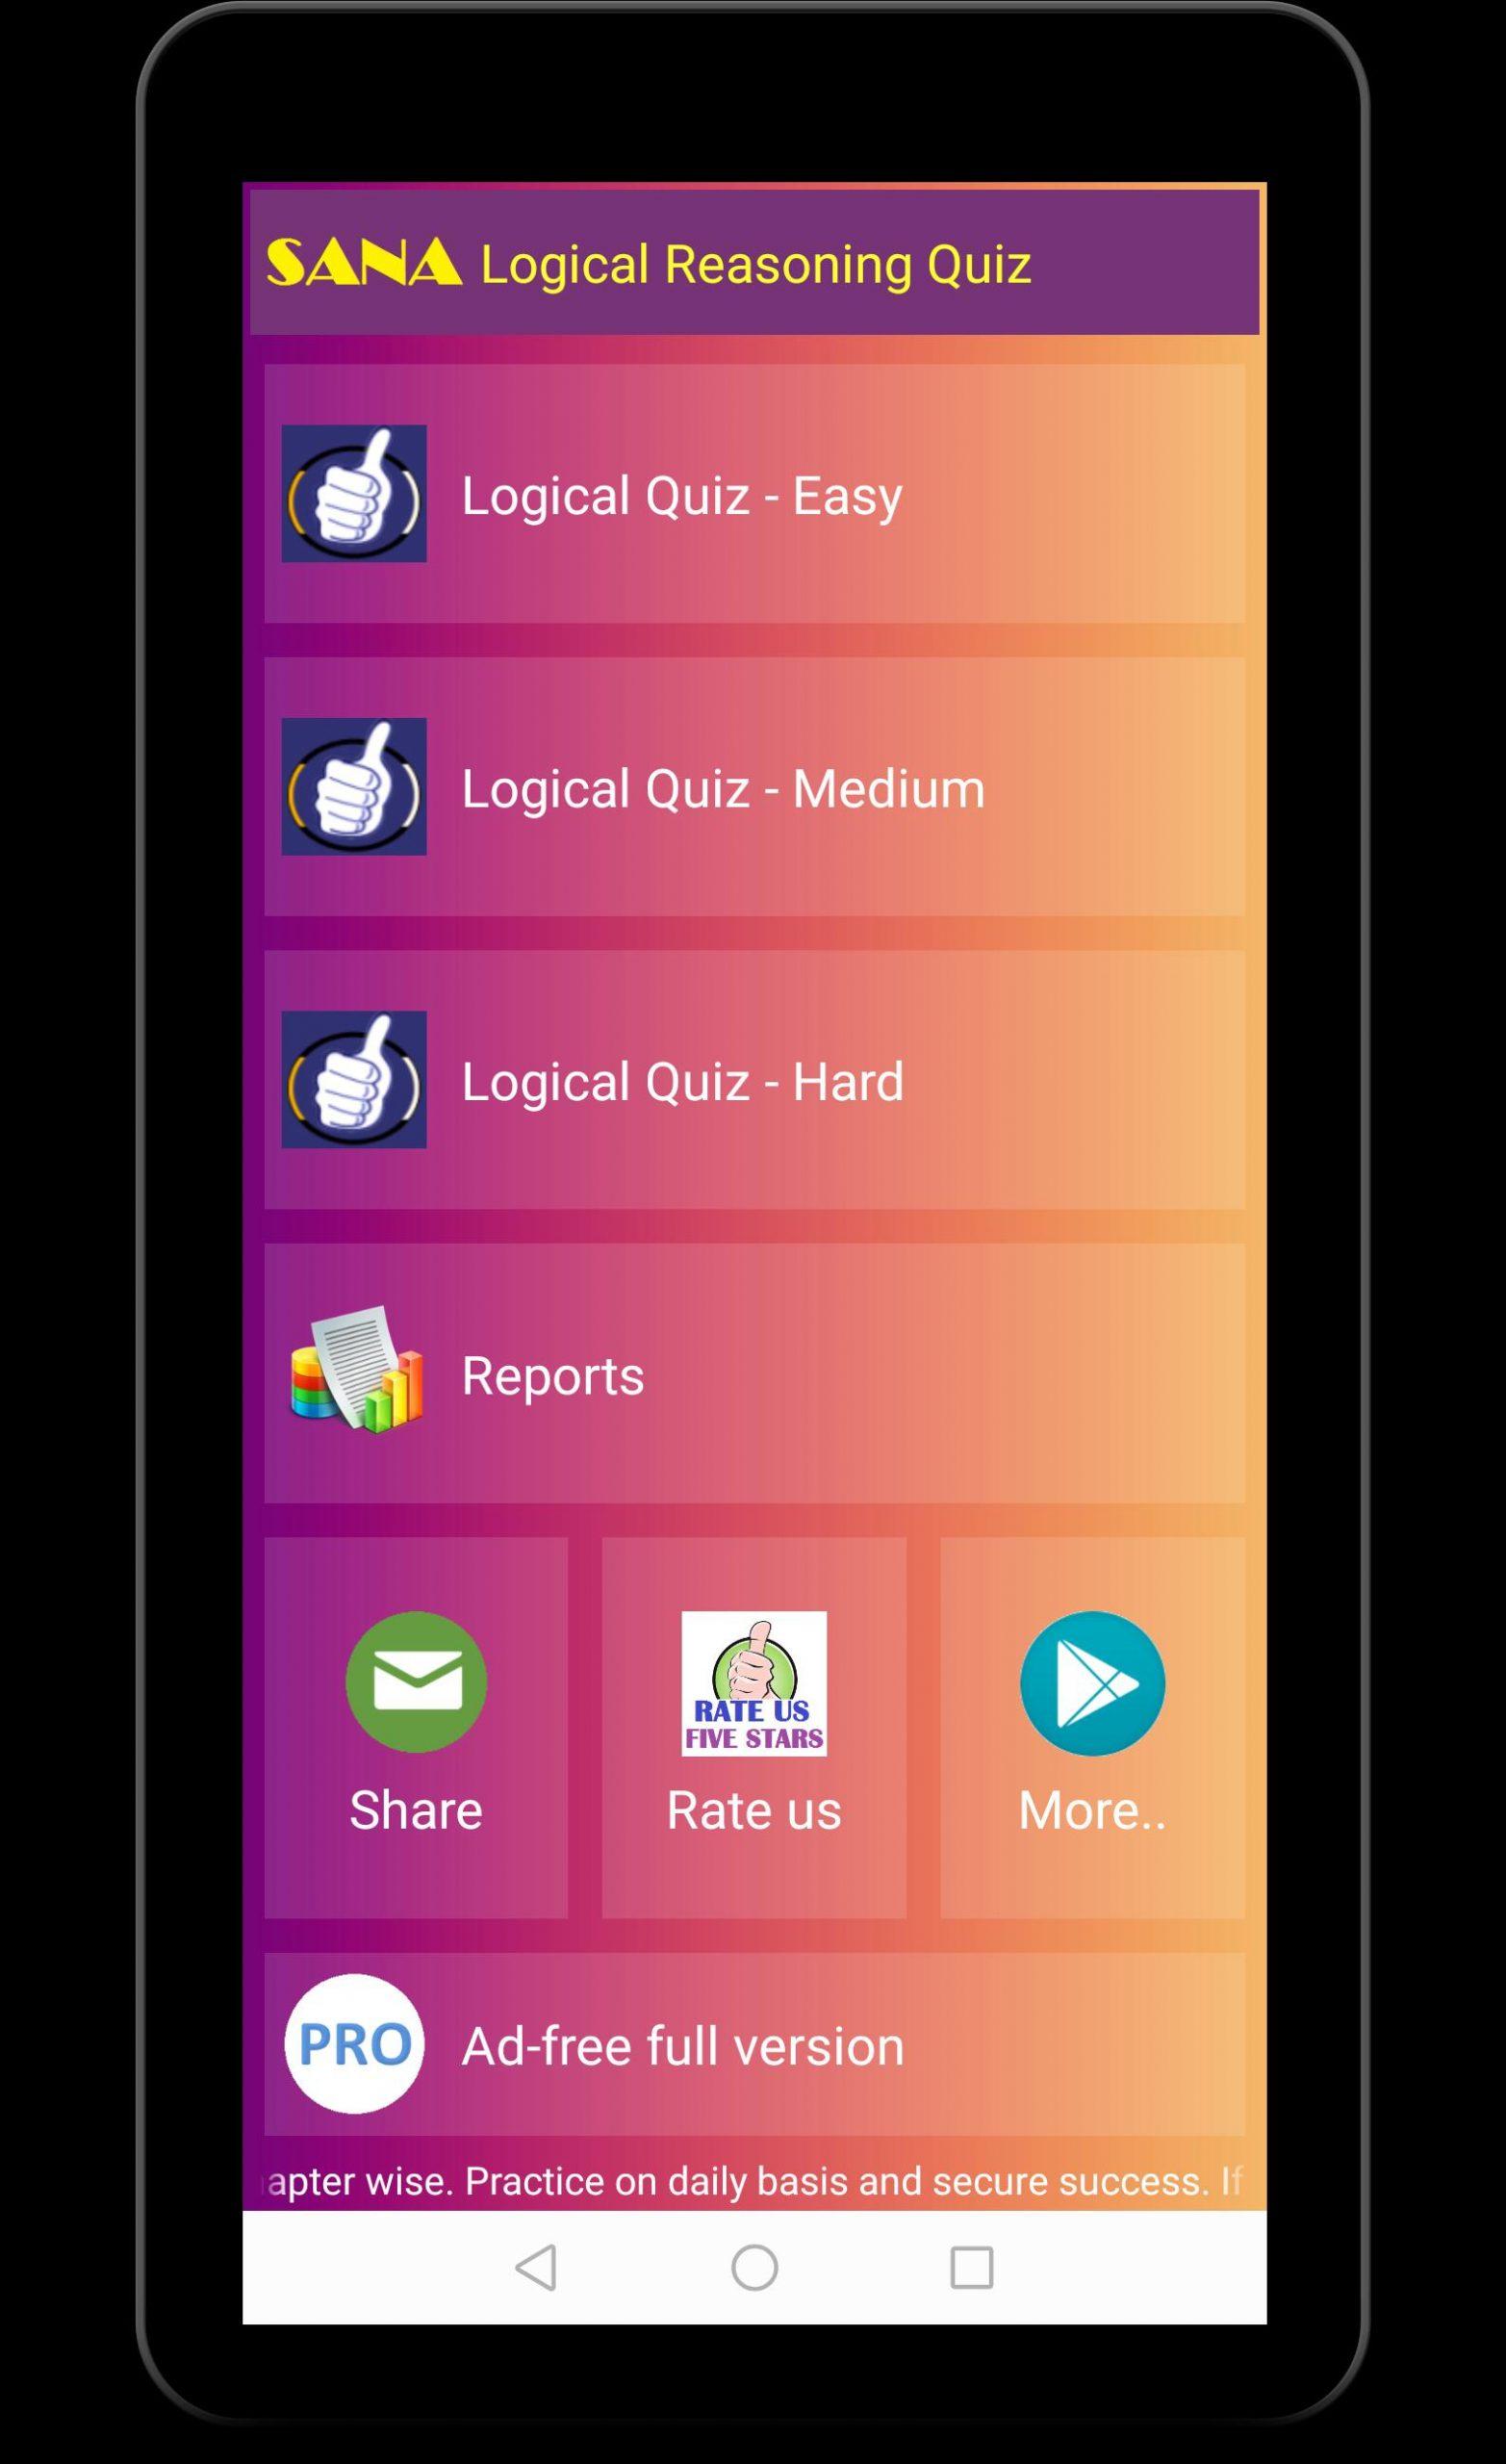 Quiz De Qi Logique Pour Android - Téléchargez L'apk avec Quiz Logique Gratuit